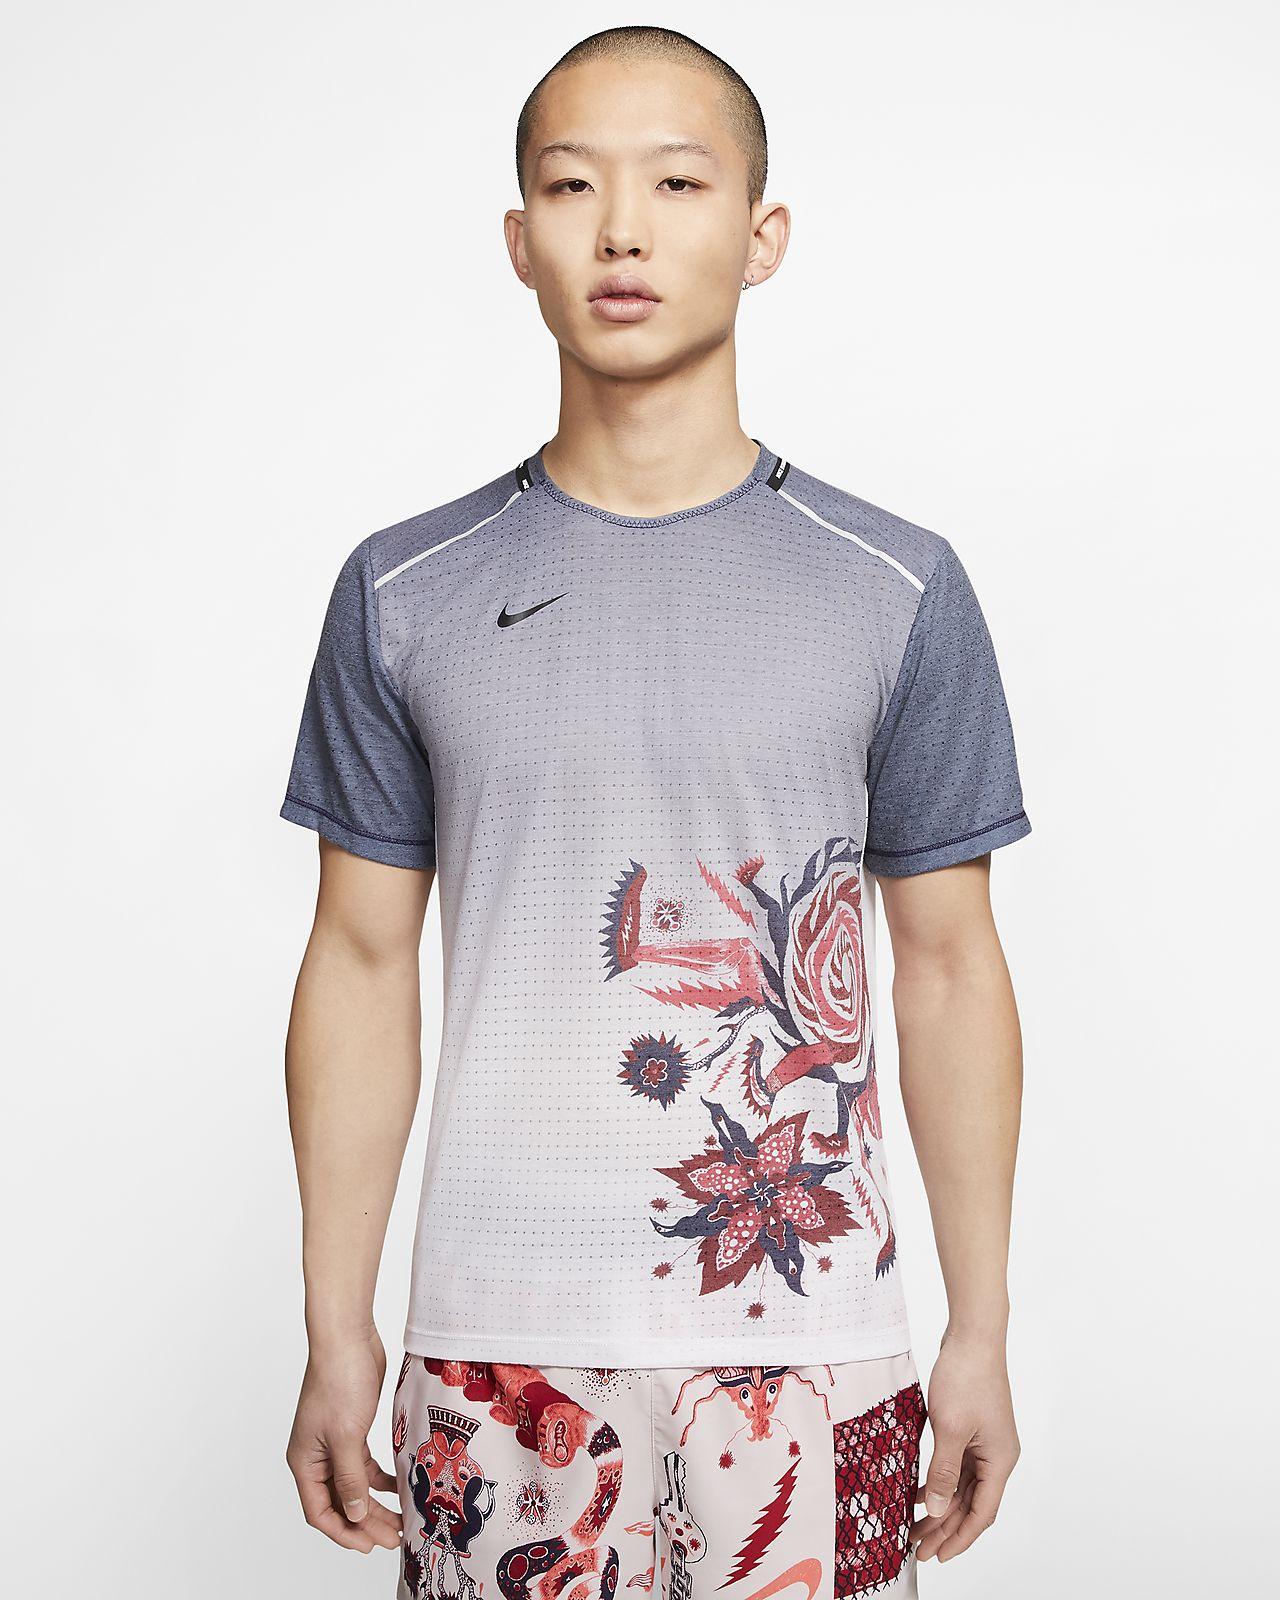 เสื้อวิ่งผู้ชาย Nike Rise 365 Wild Run